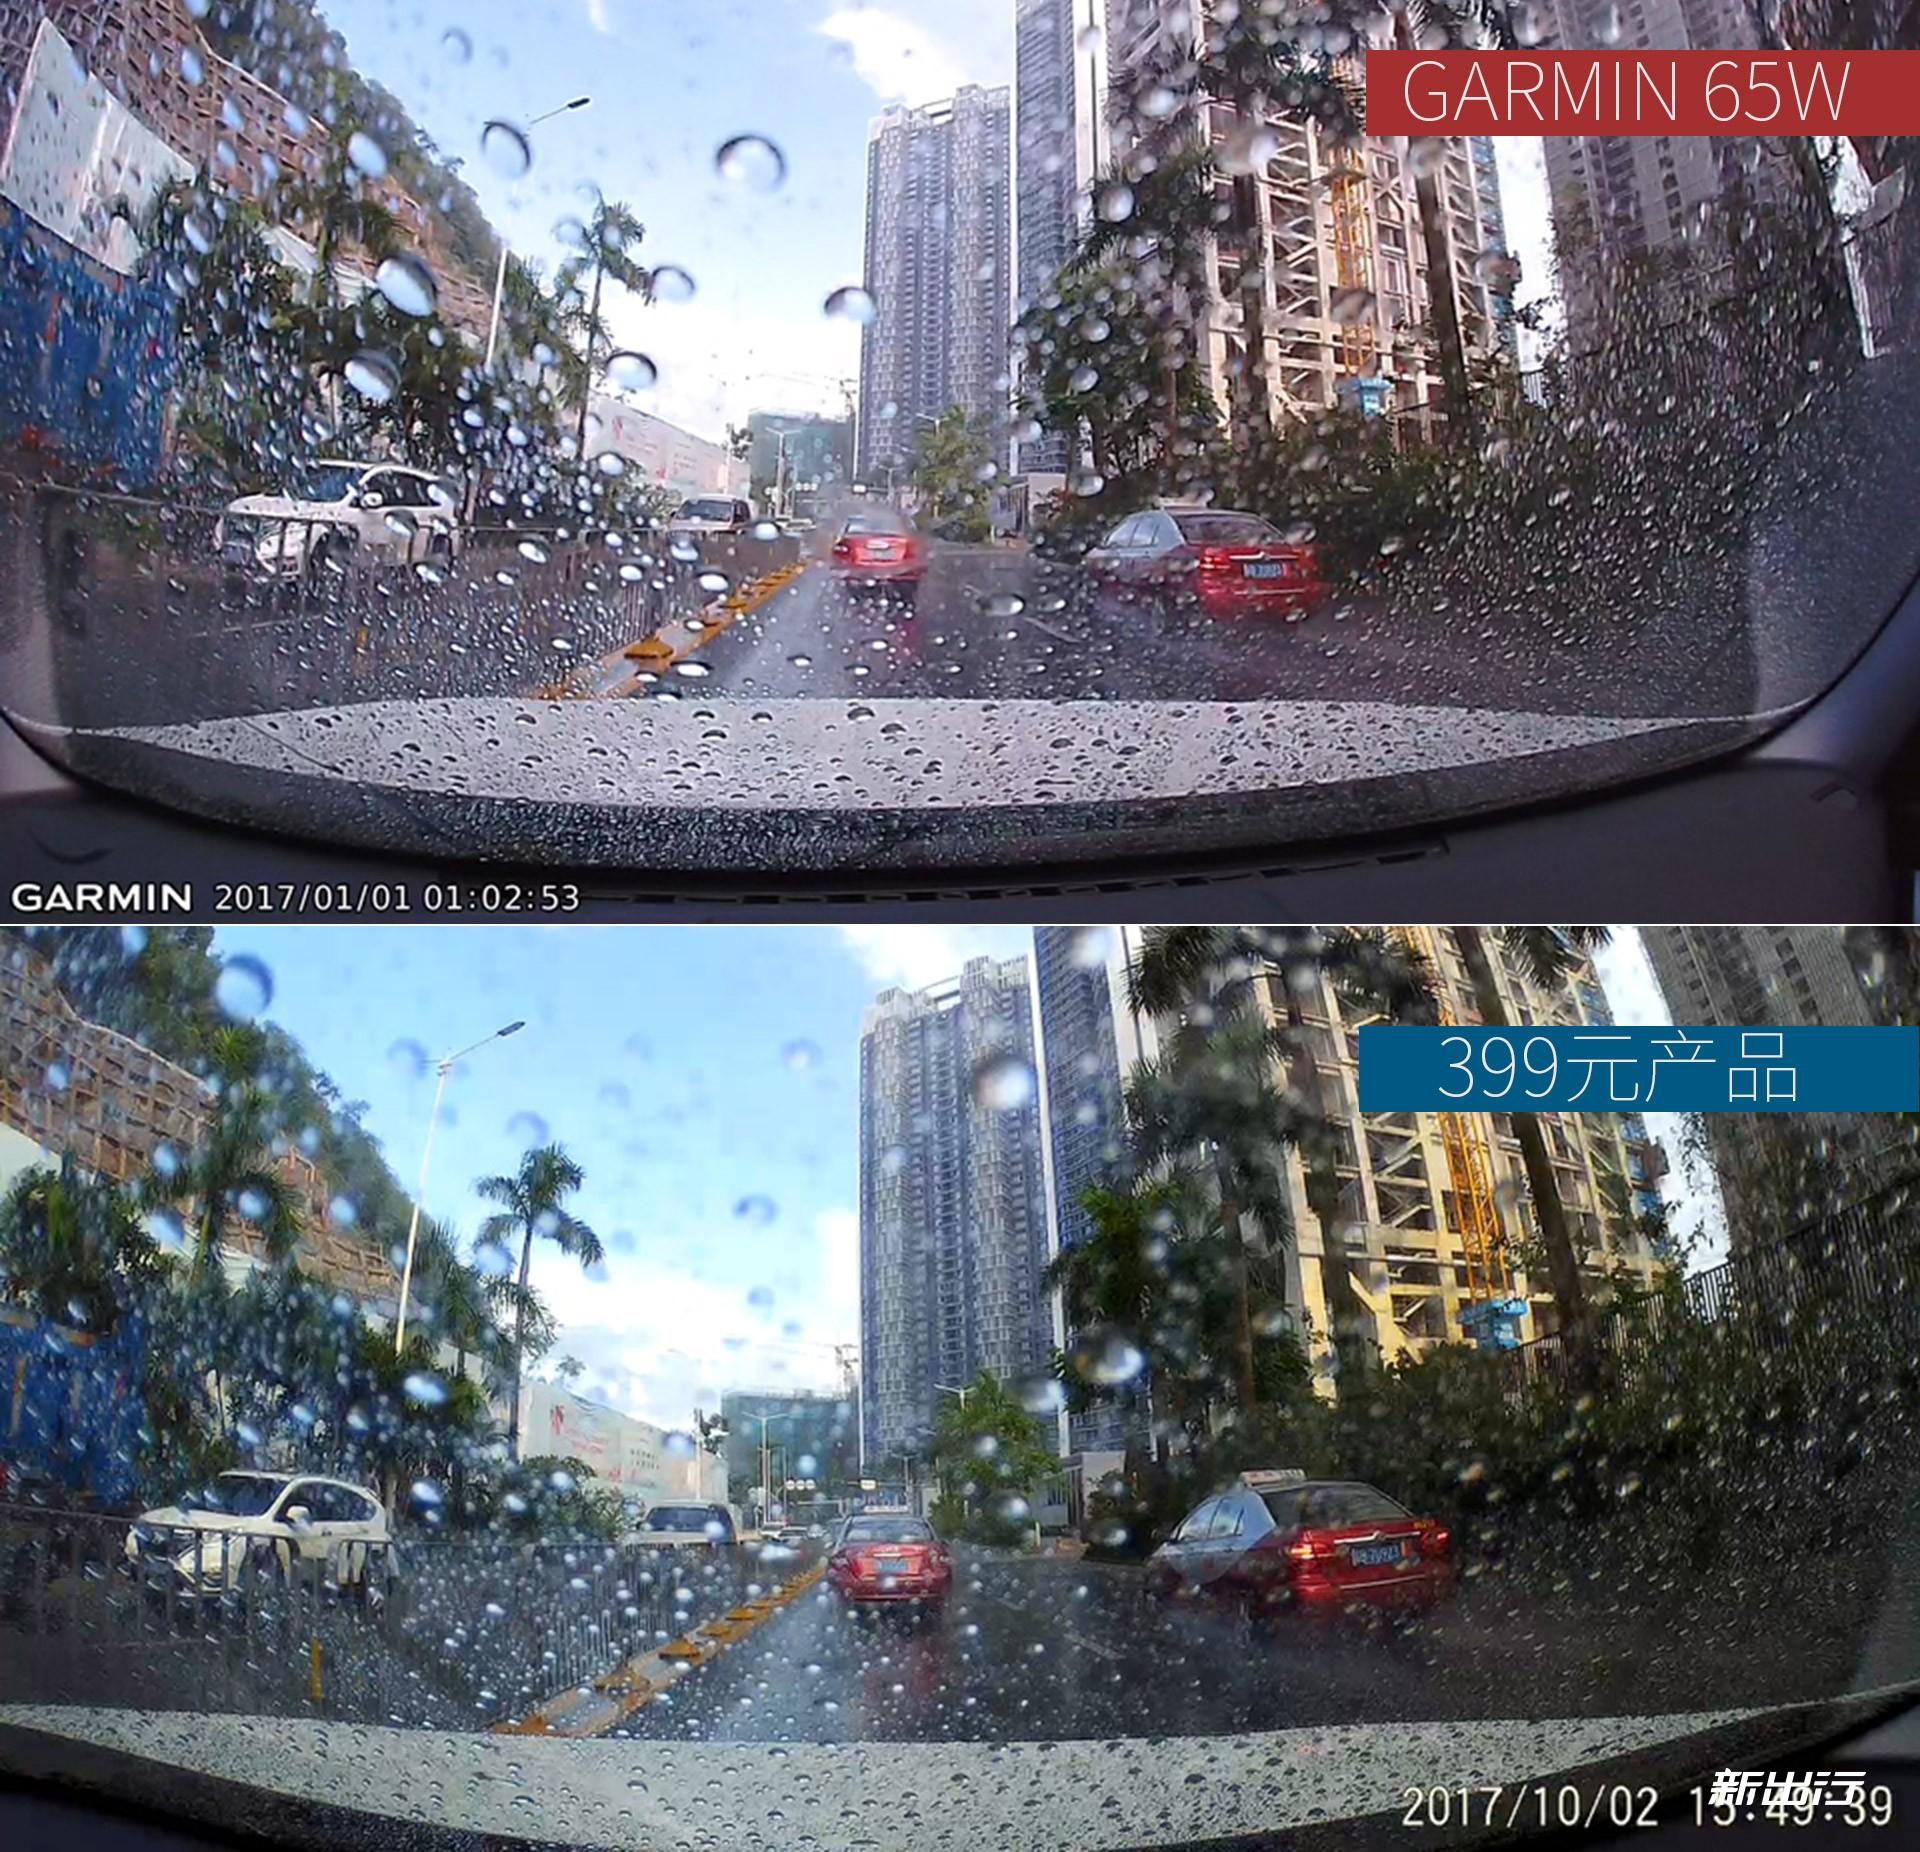 GARMIN_DASH_CAM_65W_暴雨天气对比.jpg